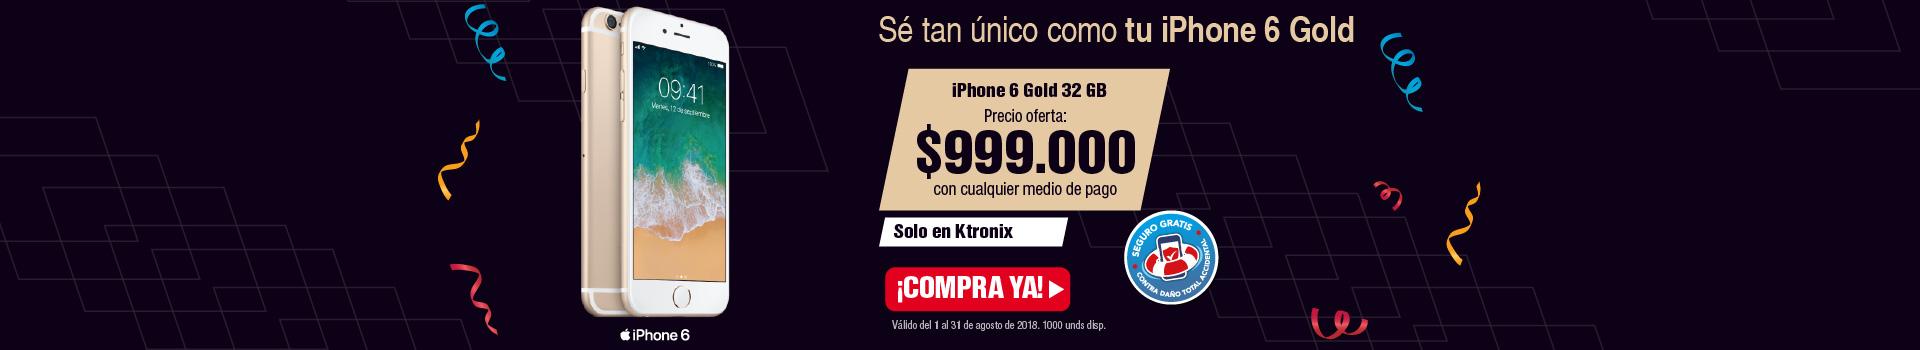 KT-HIPER-10-celulares-PP---Apple-iPhone6Dr-Ago8